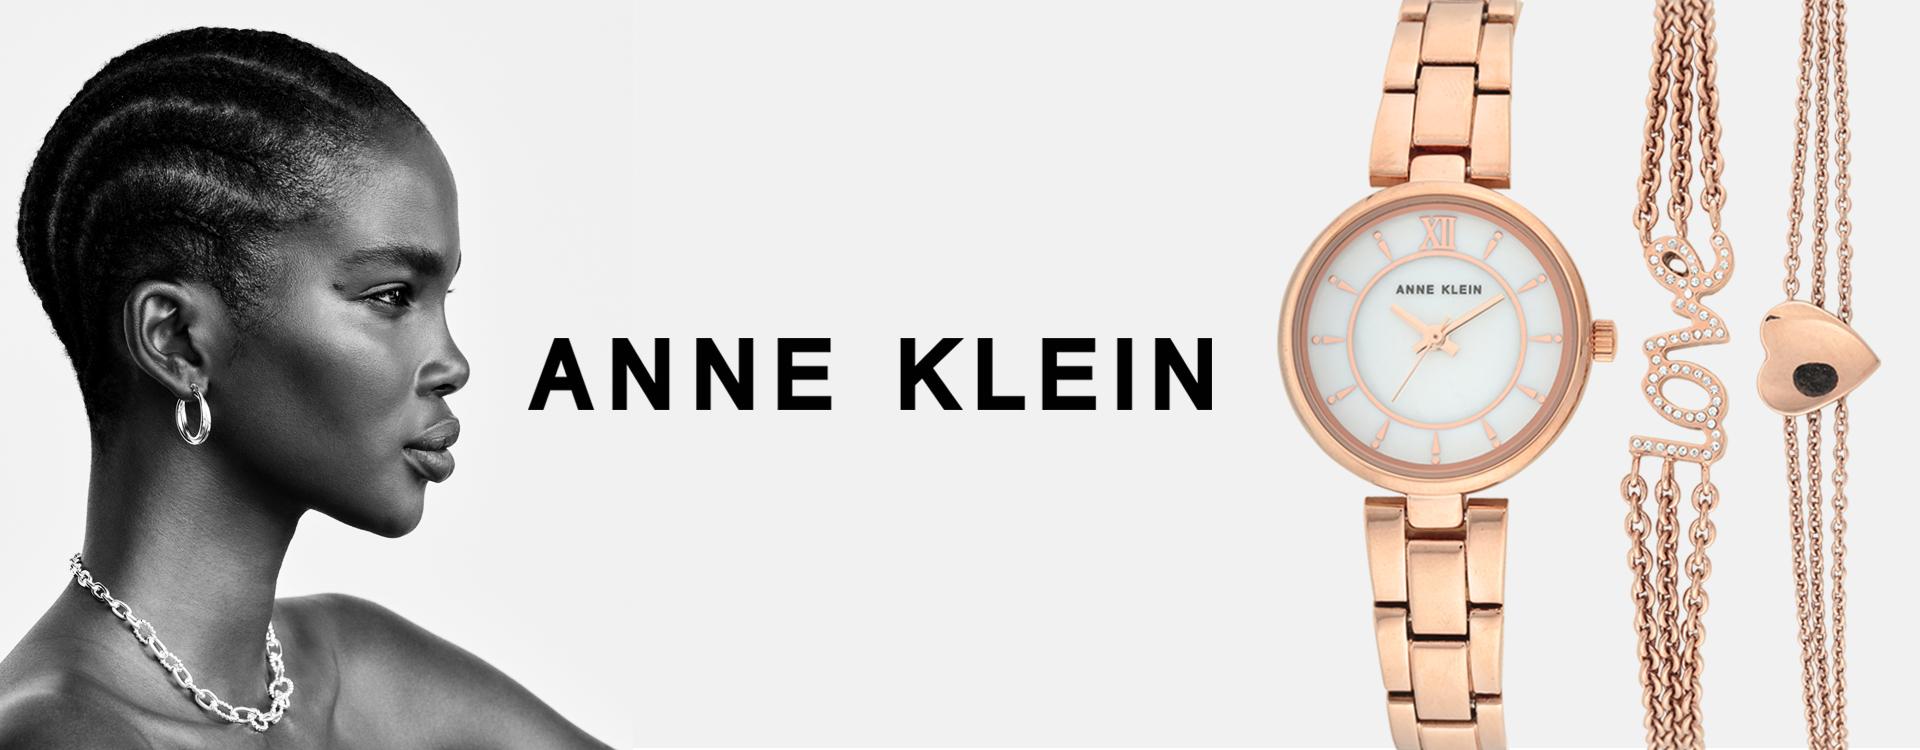 Anne Klein banner